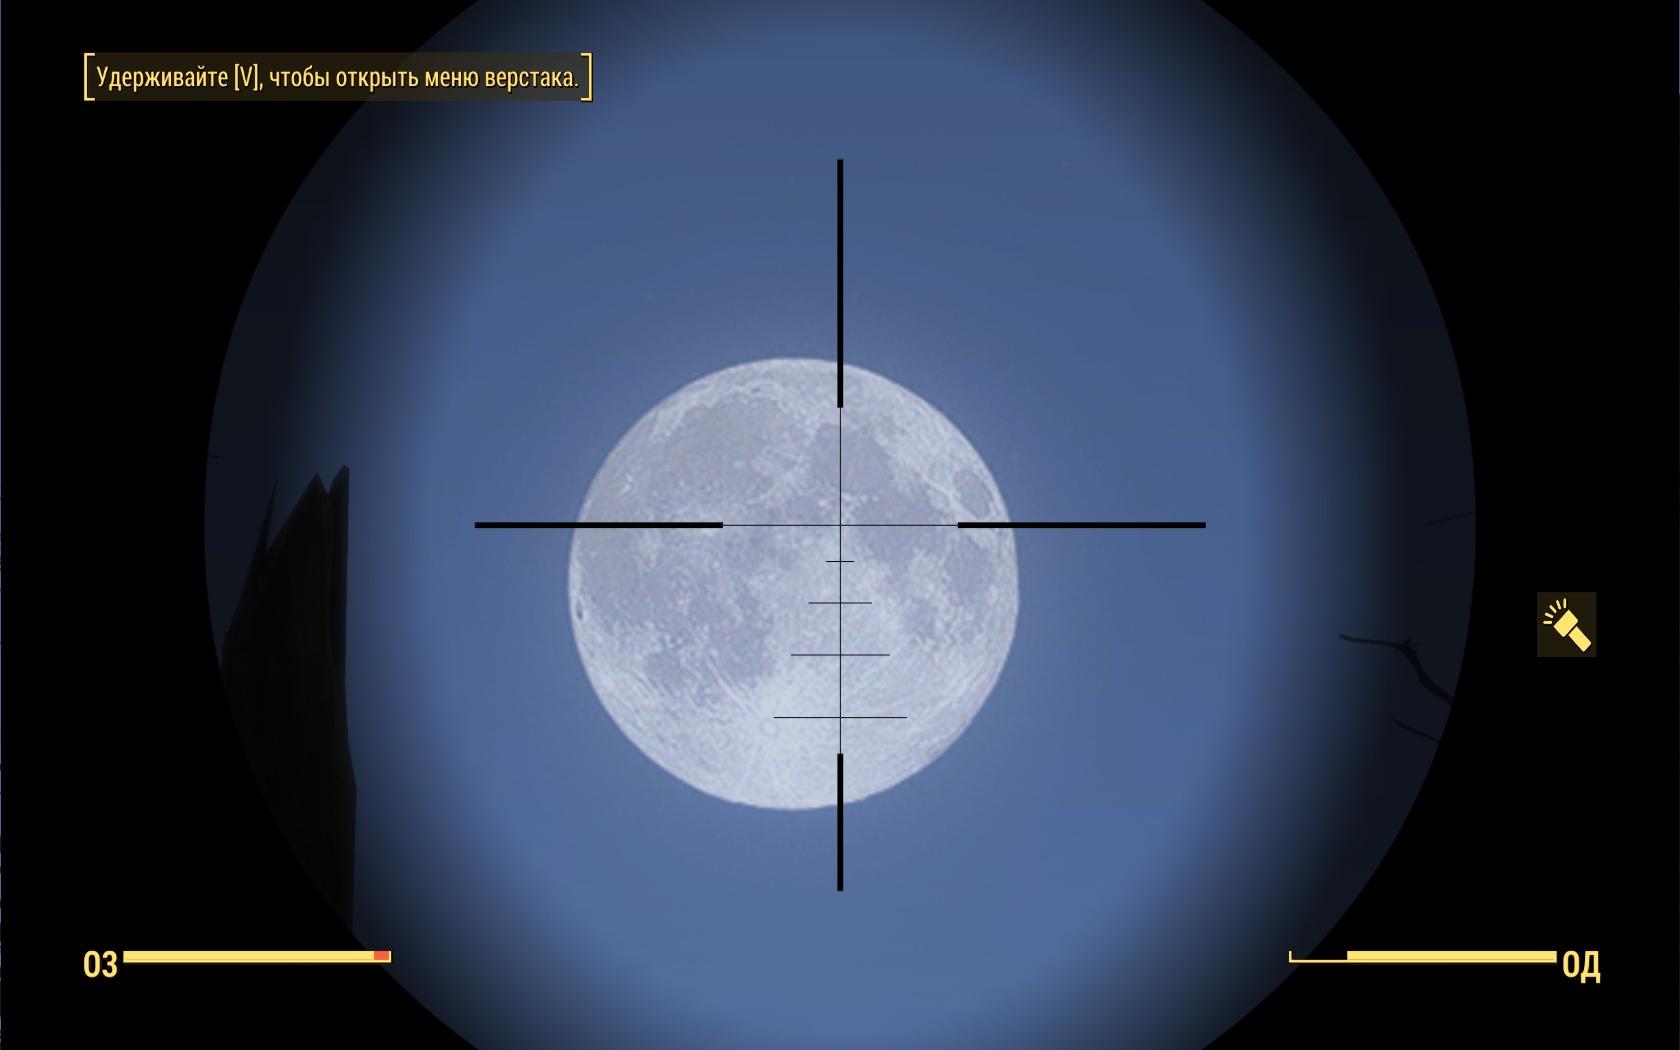 Луна в Fallout 4 (High Resolution Texture Pack) - Fallout 4 High Resolution Texture Pack